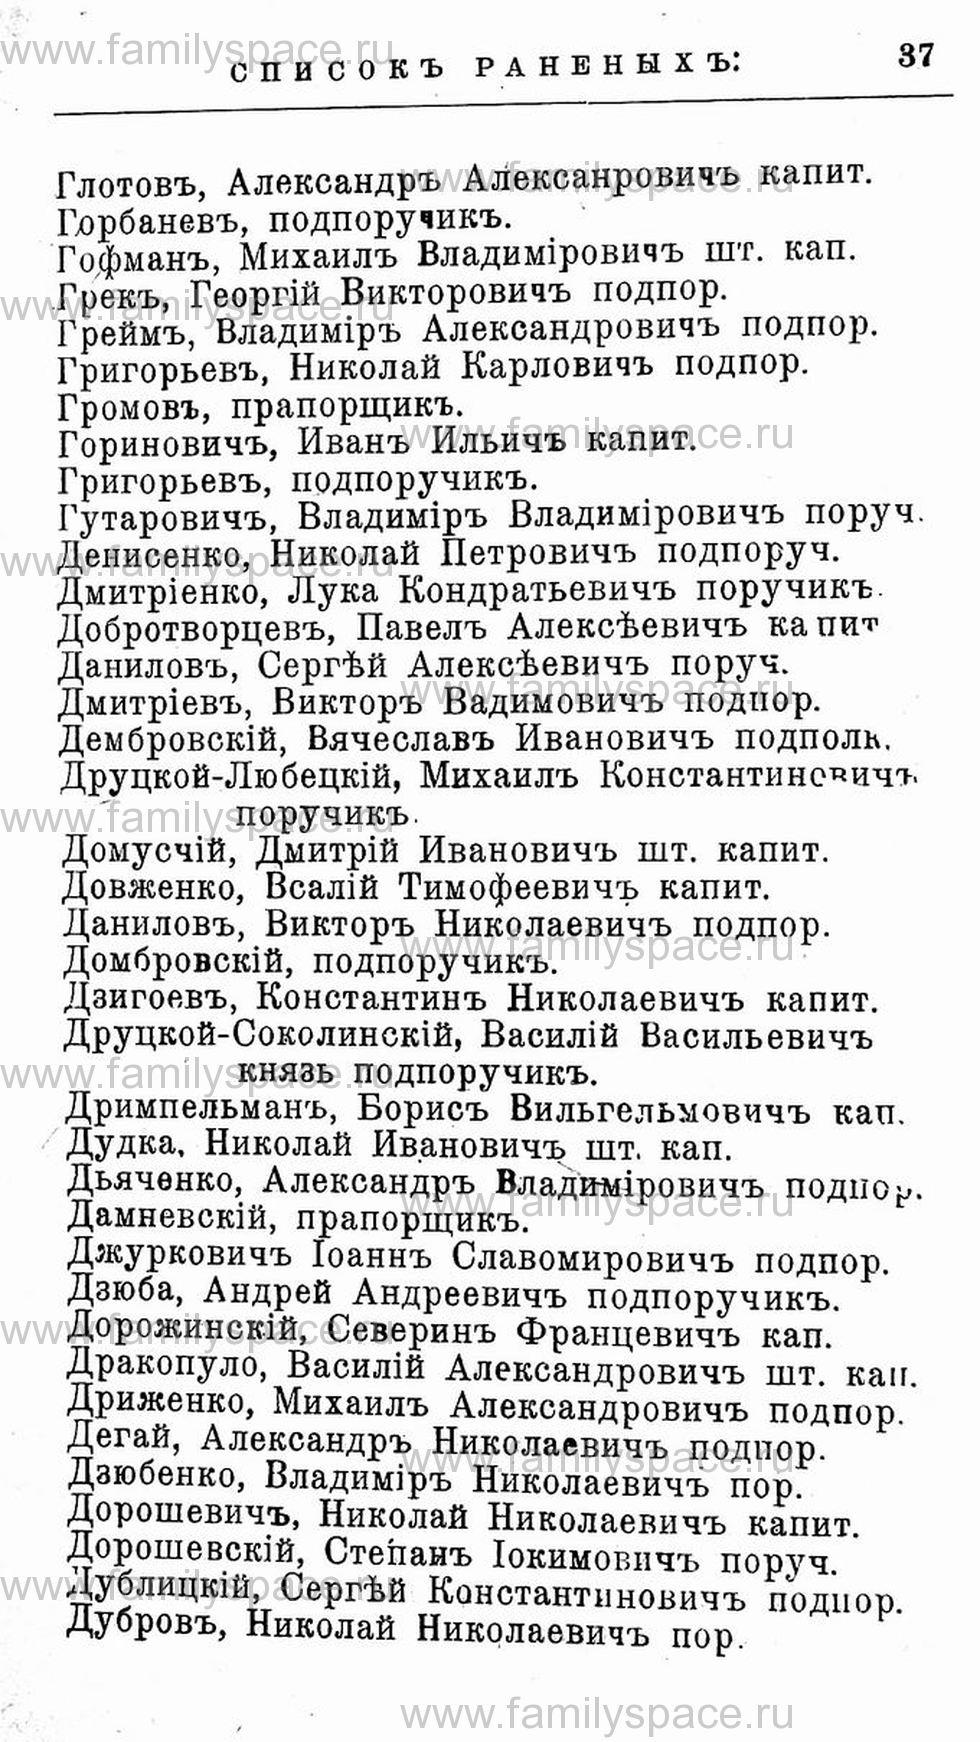 Поиск по фамилии - Первая мировая война - 1914 (списки убитых и раненых), страница 37